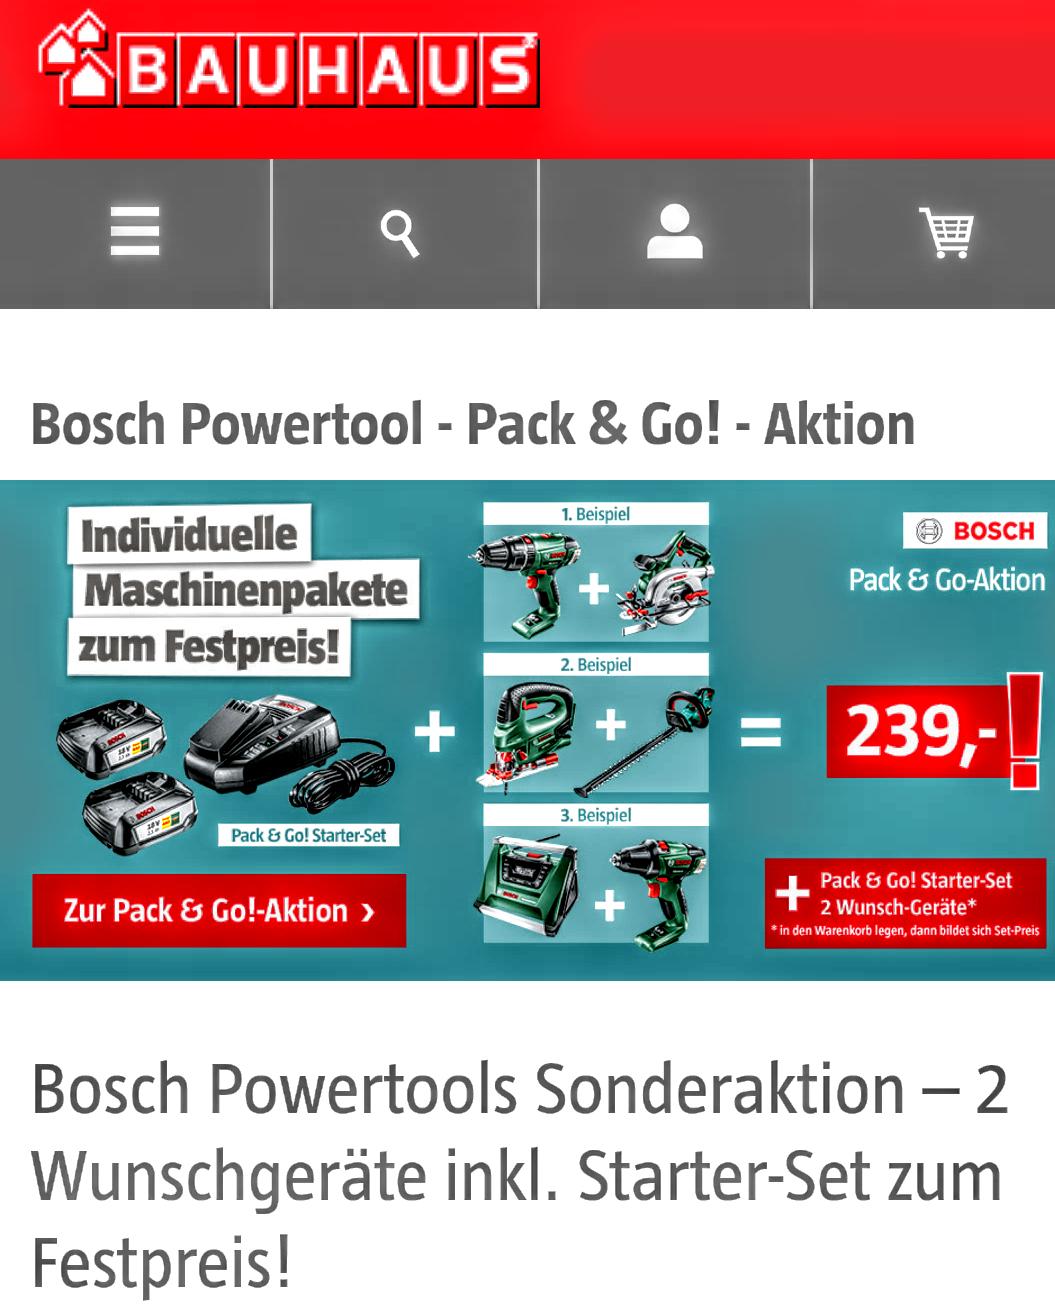 Bosch Pack And Go Starterset Plus 2 Geräte Für 239 Bauhaus Online